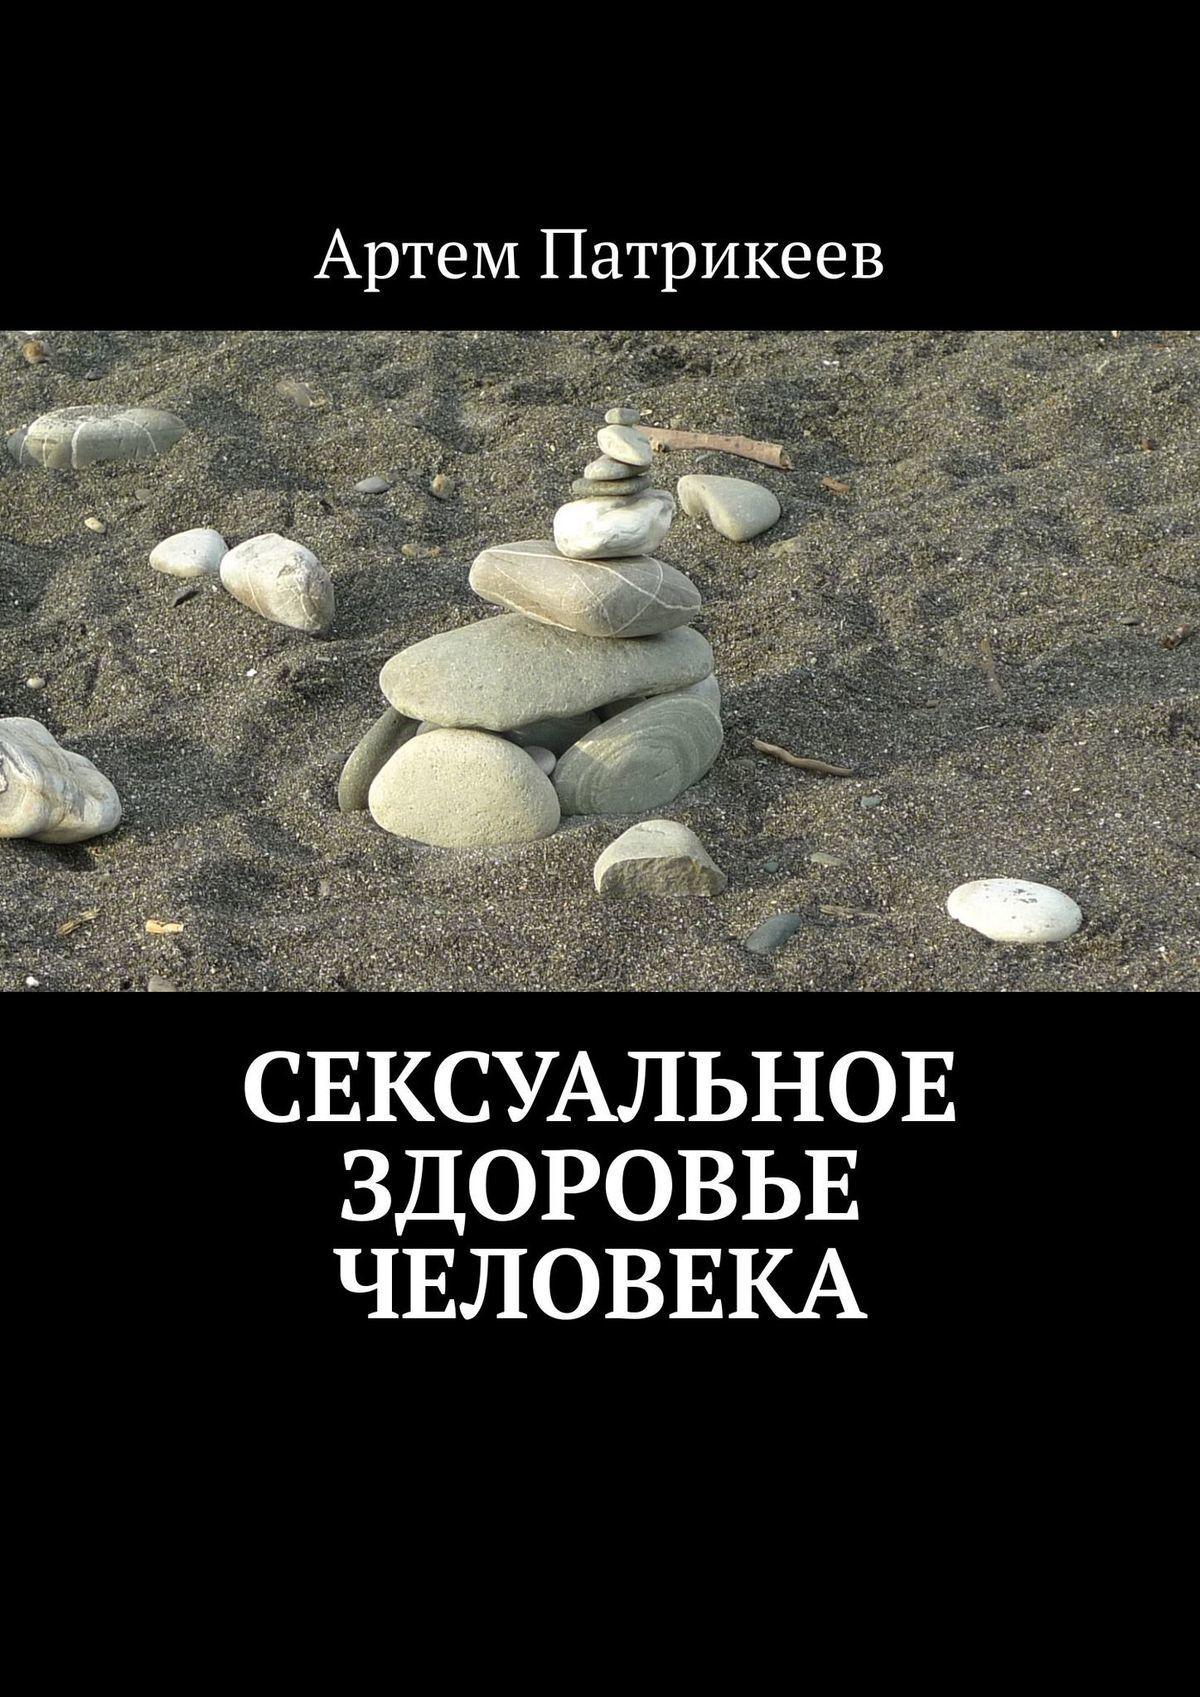 цены Артем Патрикеев Сексуальное здоровье человека